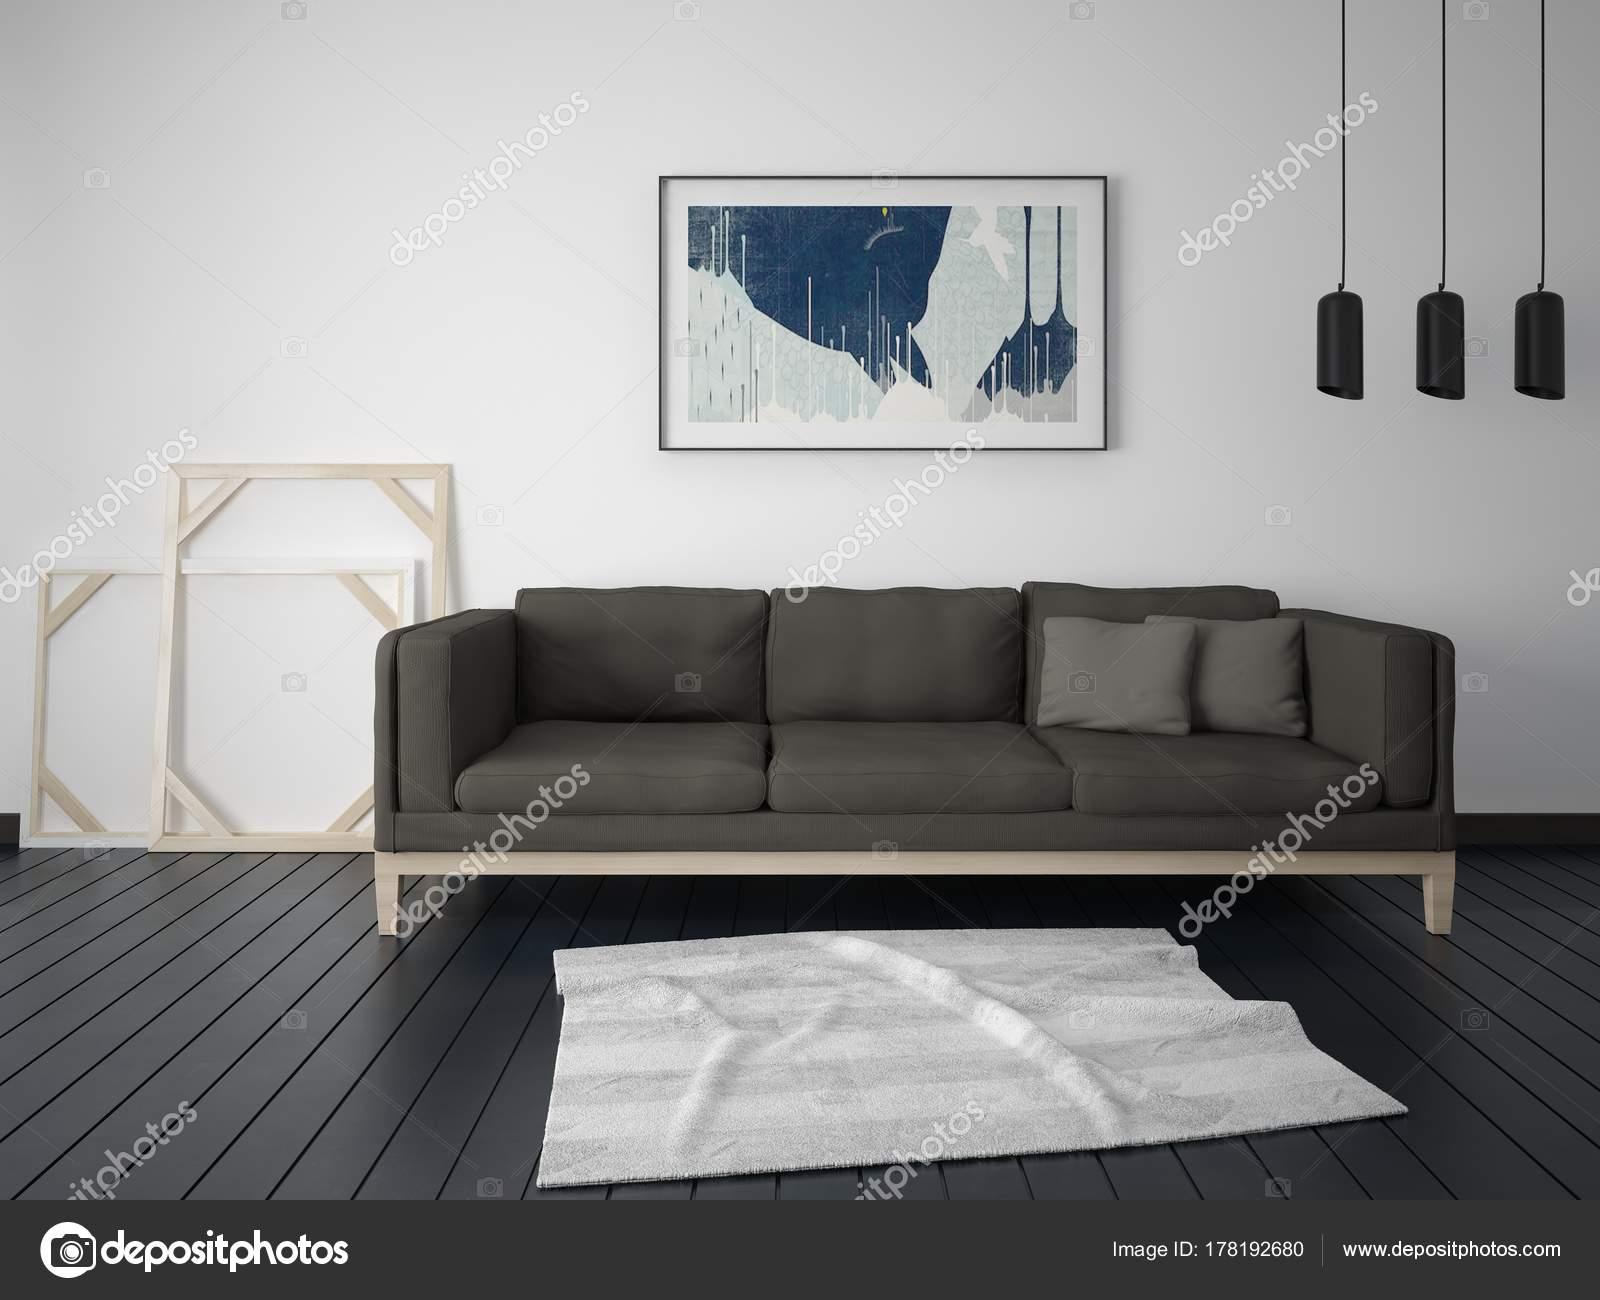 Burlarse Una Moderna Sala Estar Con Muebles Estilo Fondo Blanco ...